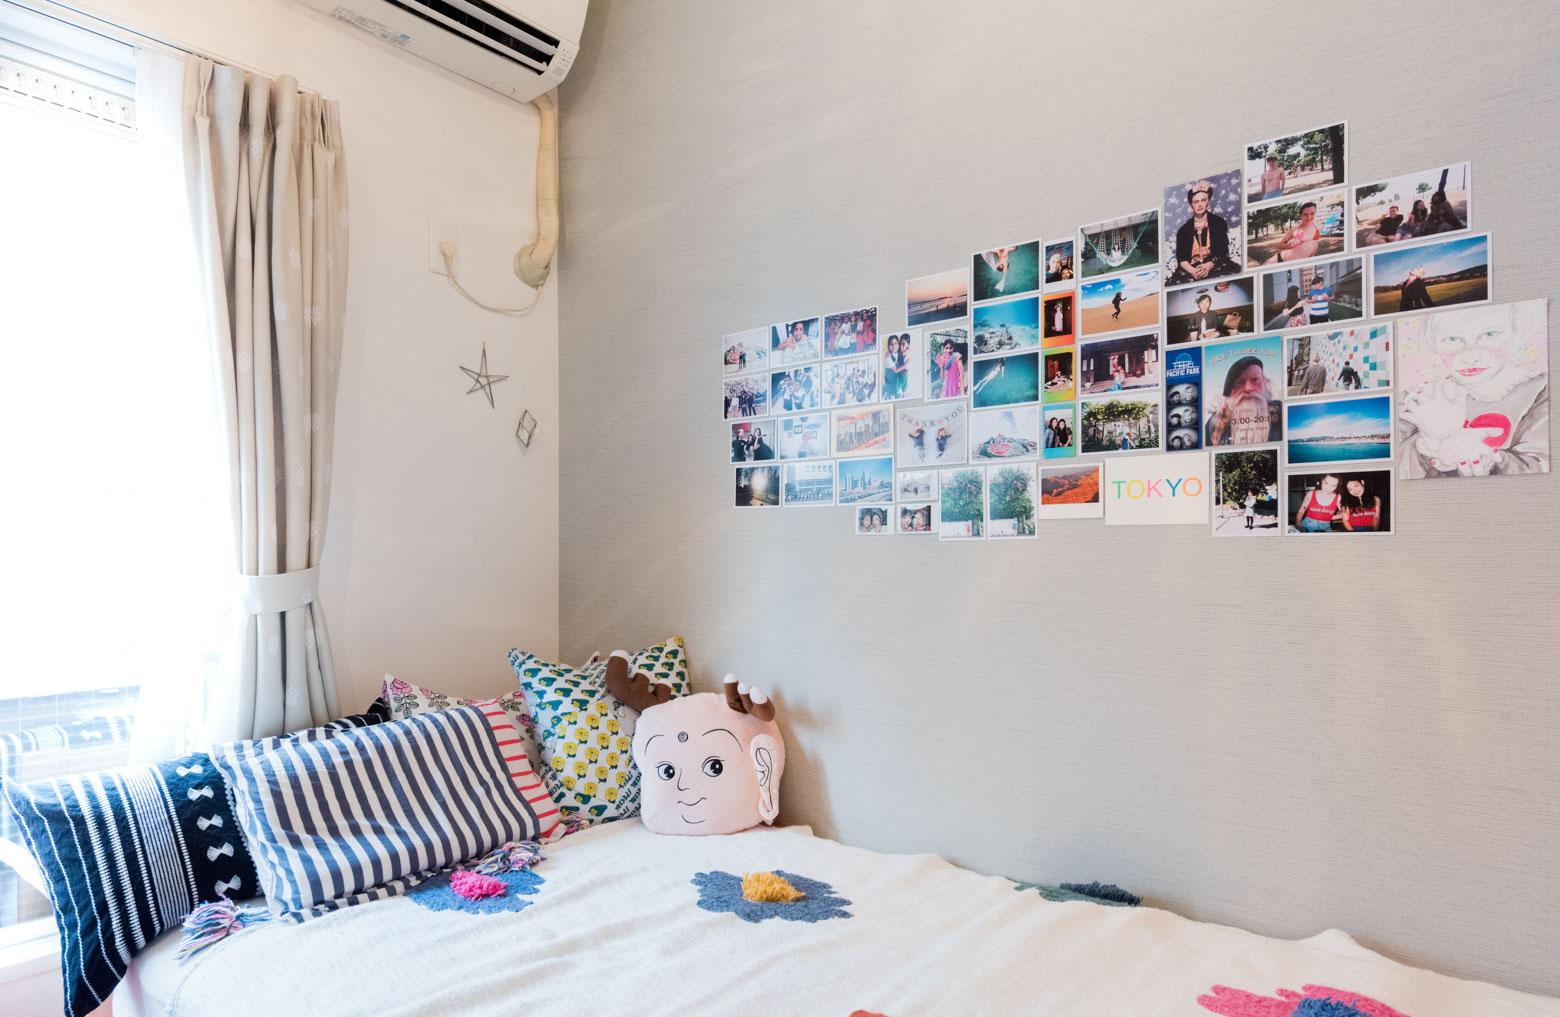 この壁の写真やポストカードたち。